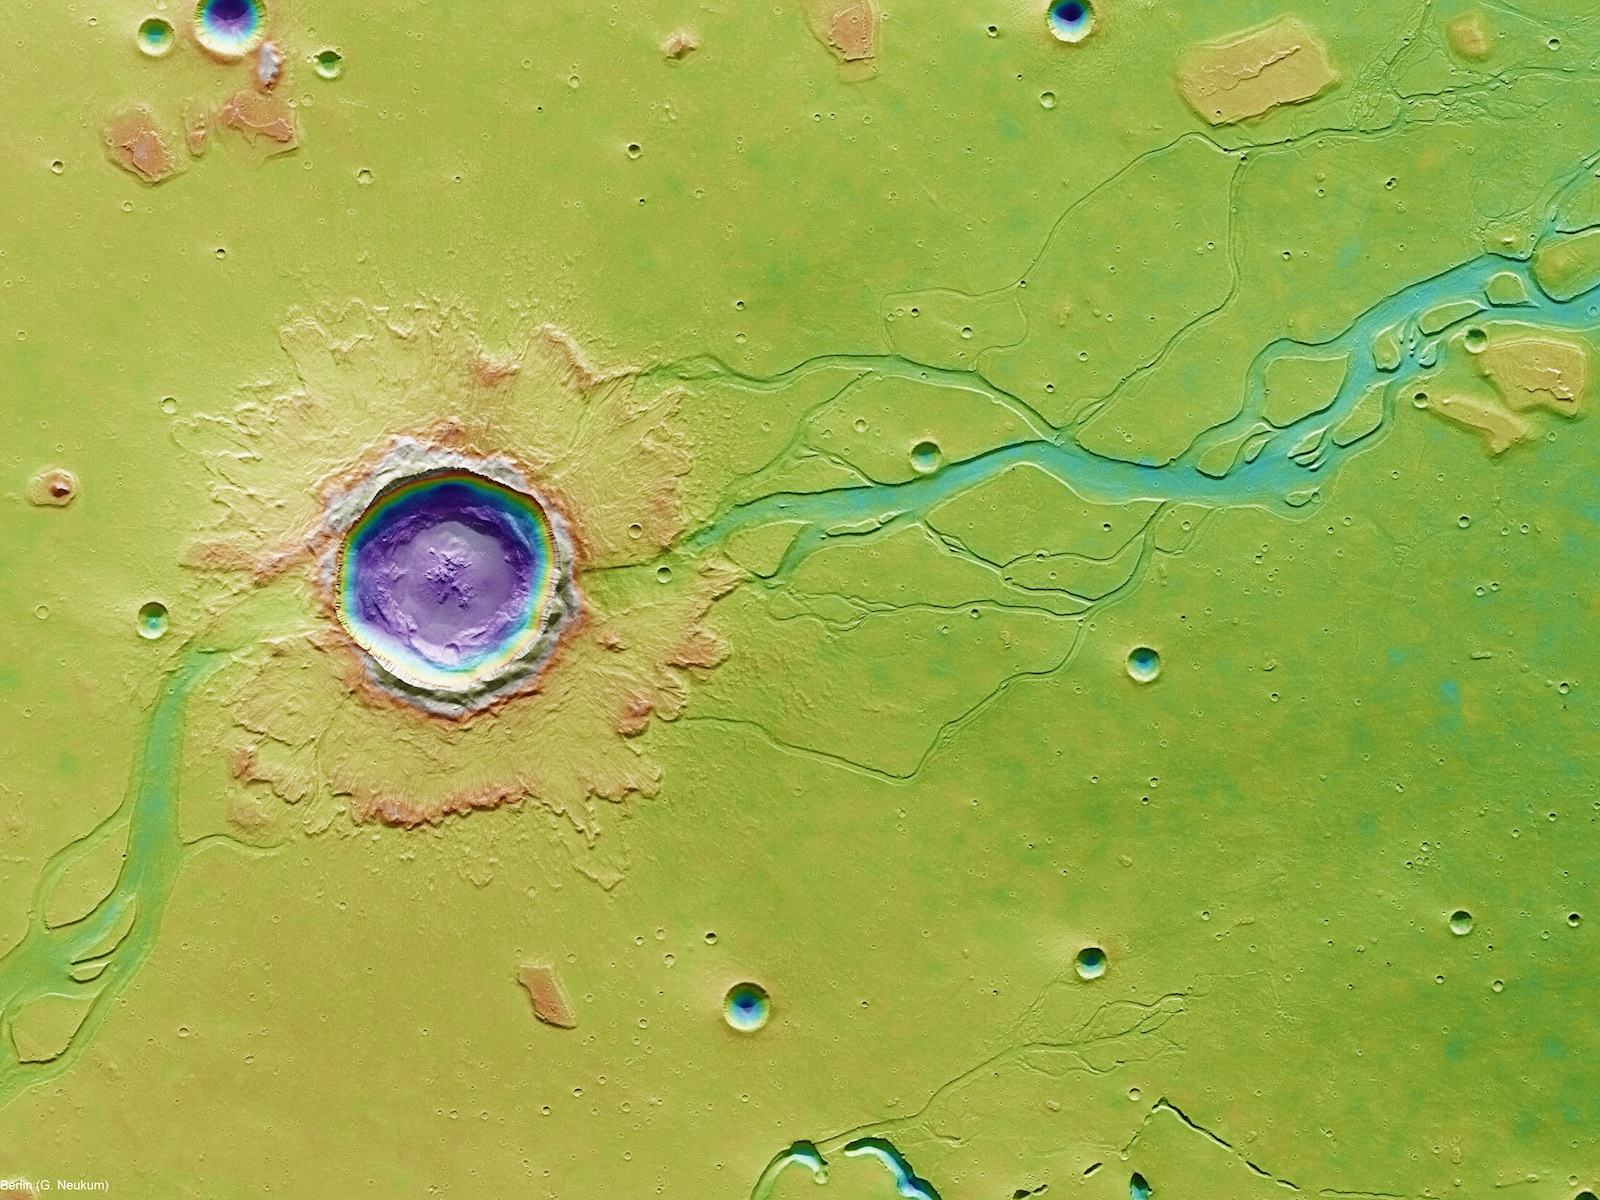 Hephaestus Fossae Crater Impact Flood